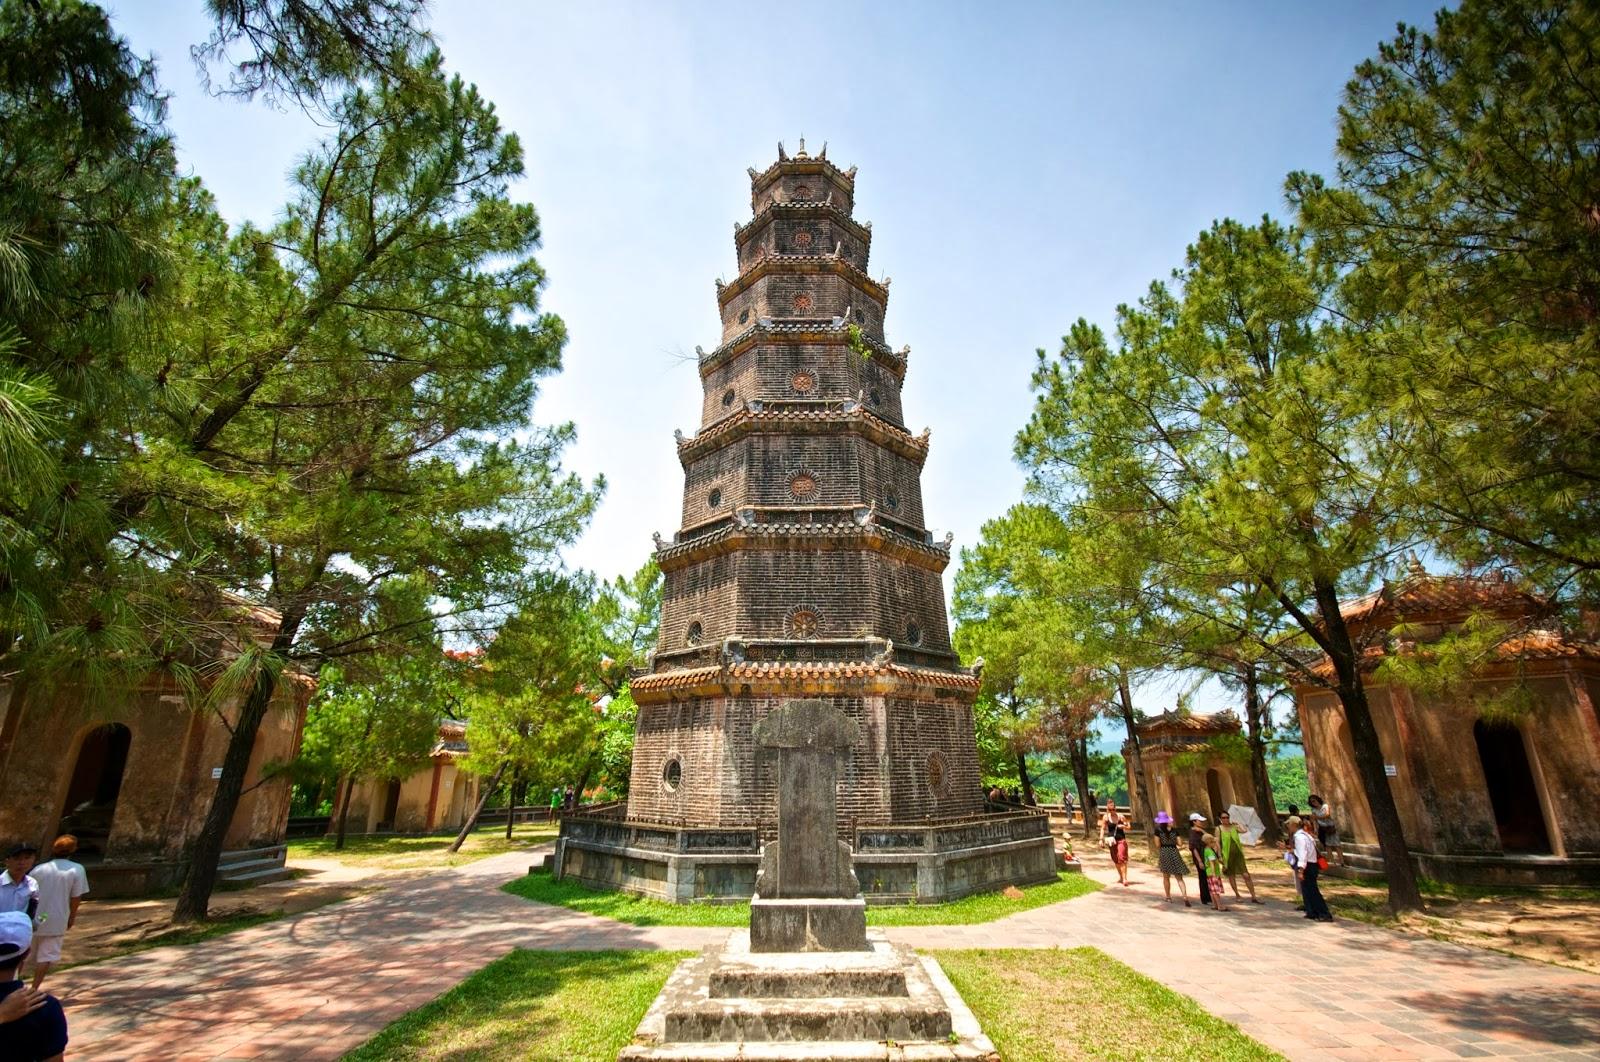 3 địa điểm du lịch tâm linh miền Trung lý tưởng – cho chuyến đi cuối năm thêm phần trọn vẹn  - Ảnh 3